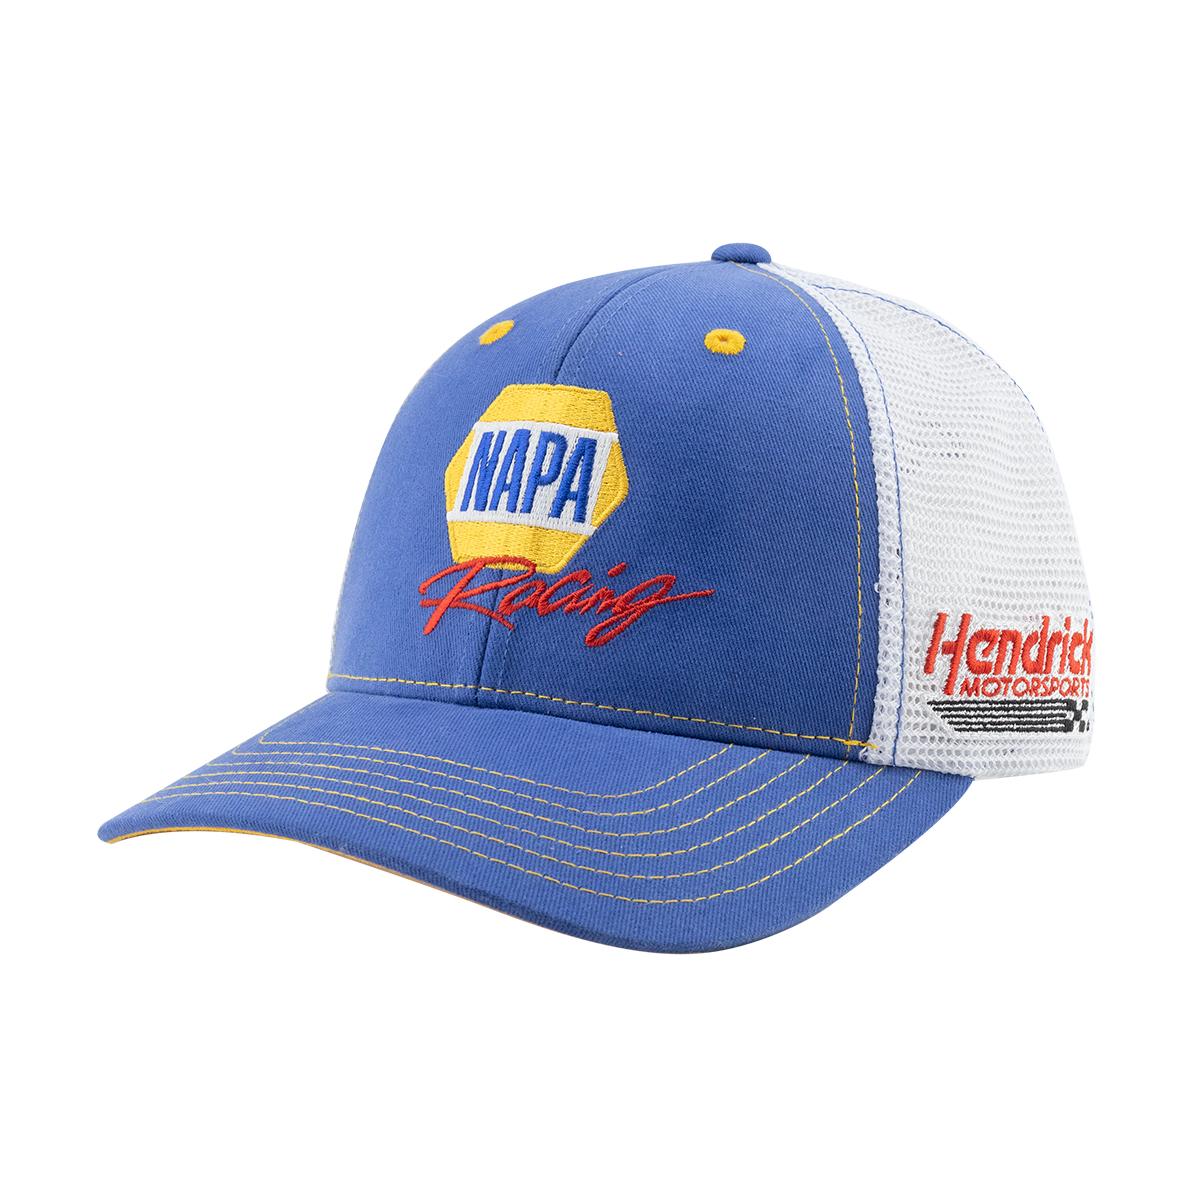 Chase Elliott NASCAR 2021 #9 Adult Sponsor Hat